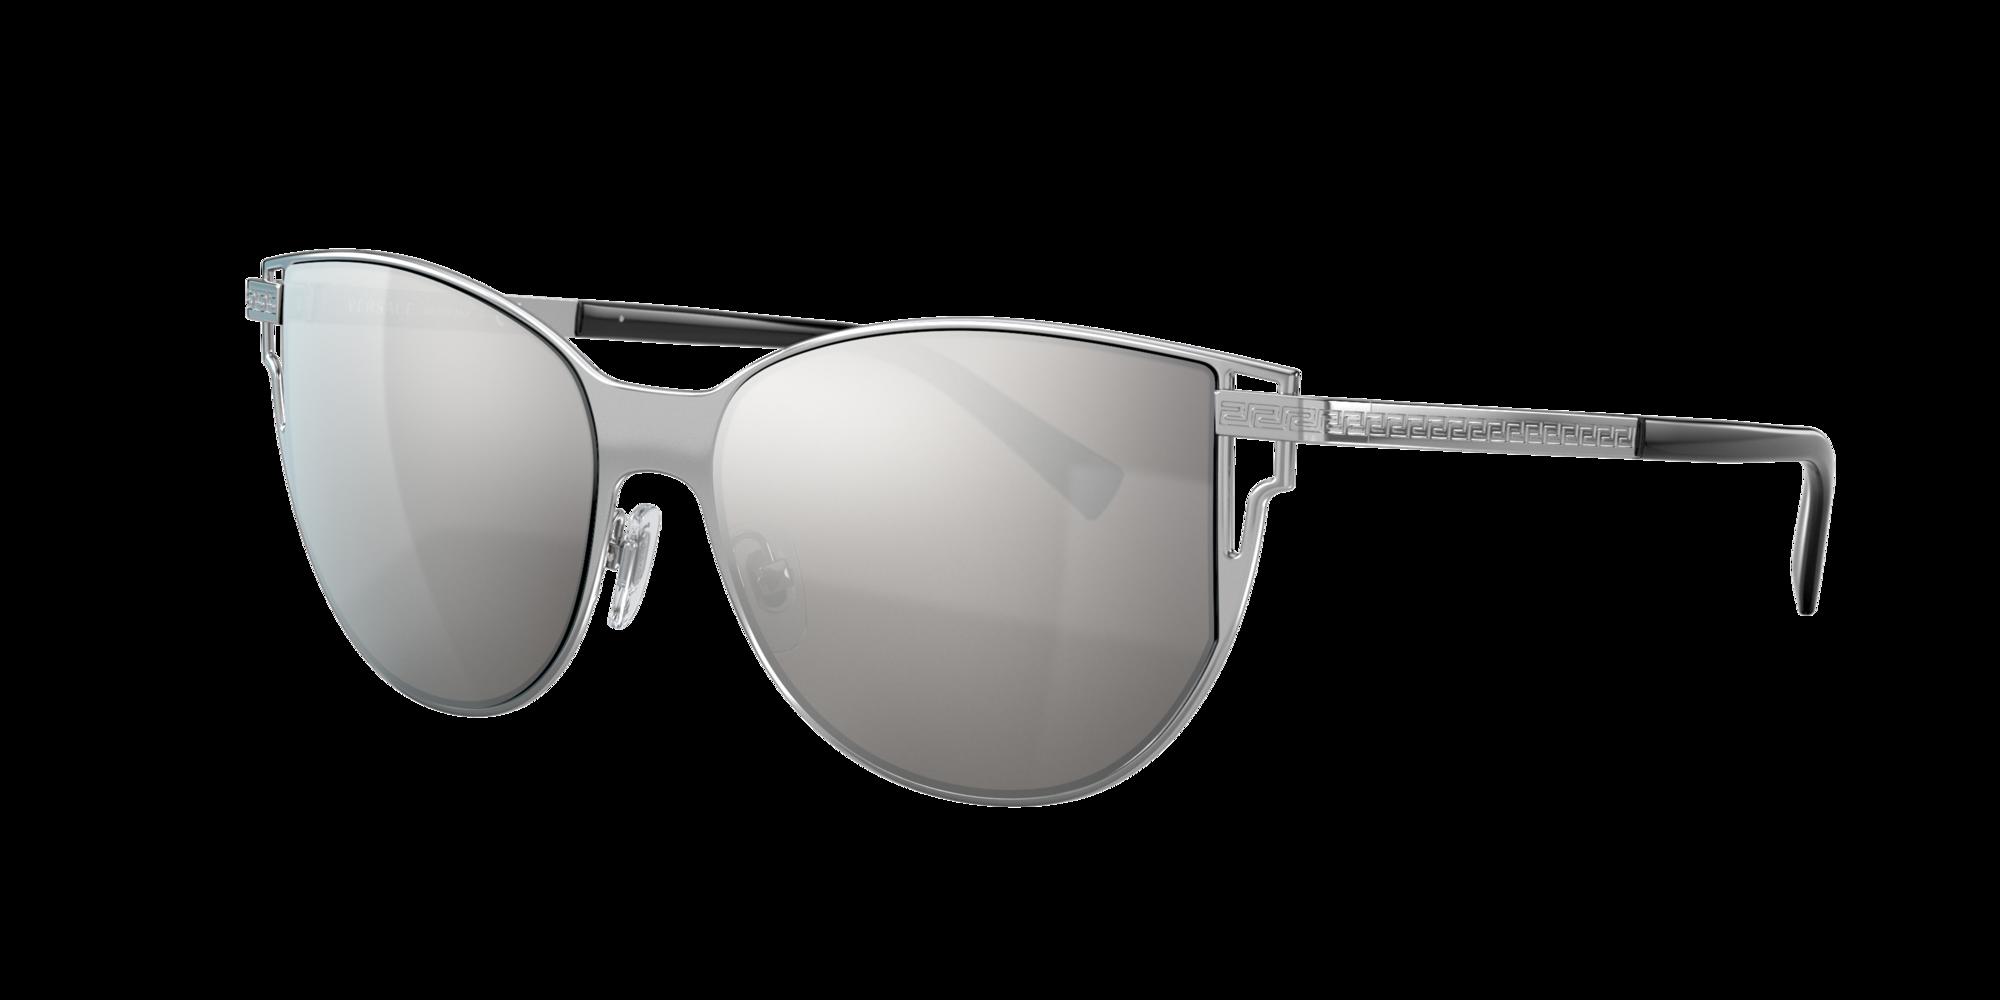 Versace Unisex  VE2211 -  Frame color: Gris, Lens color: Plata, Size FA-LS/140